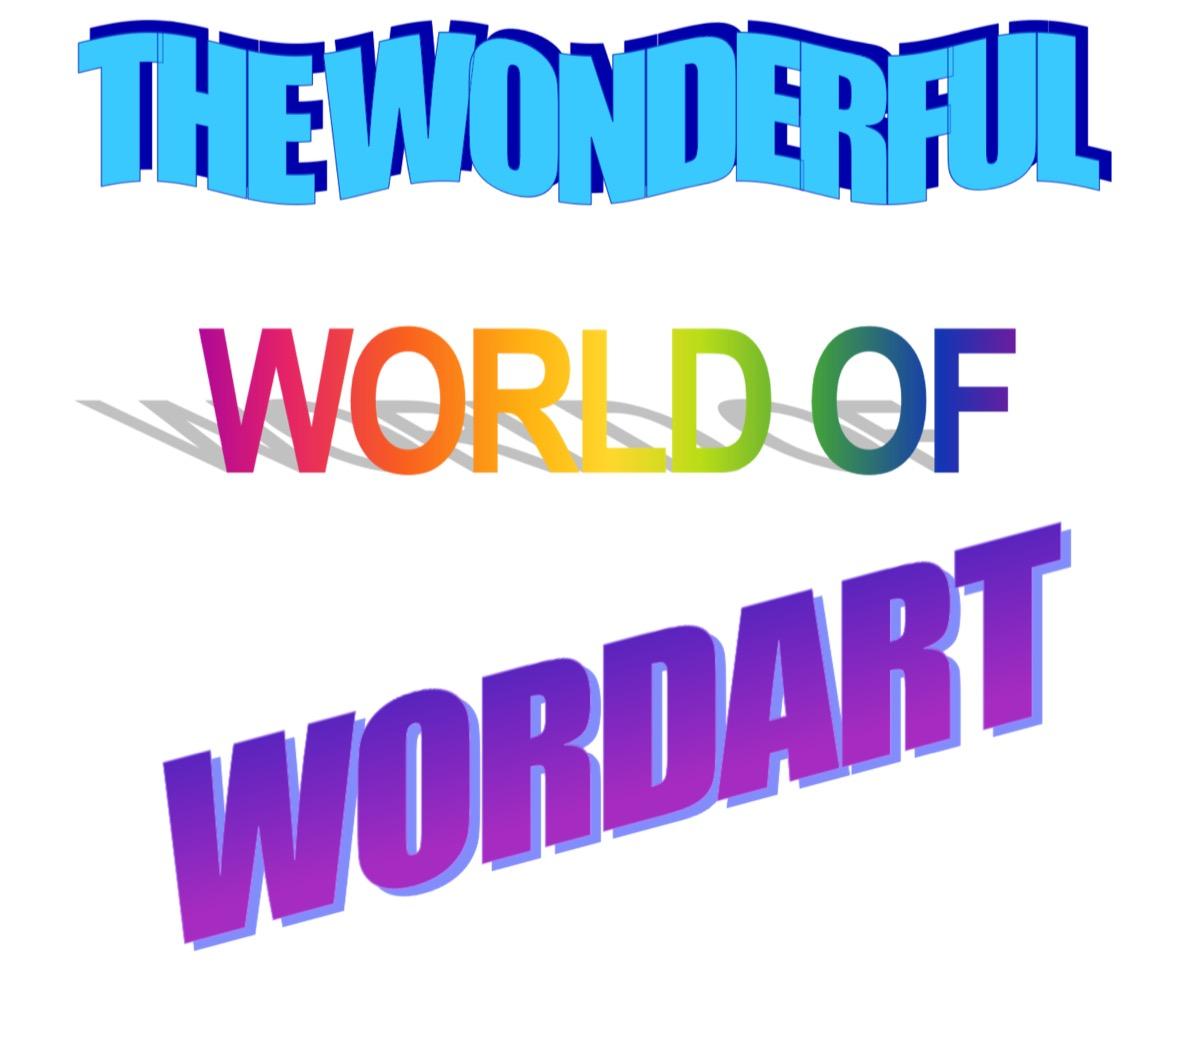 WordArt from 1990s